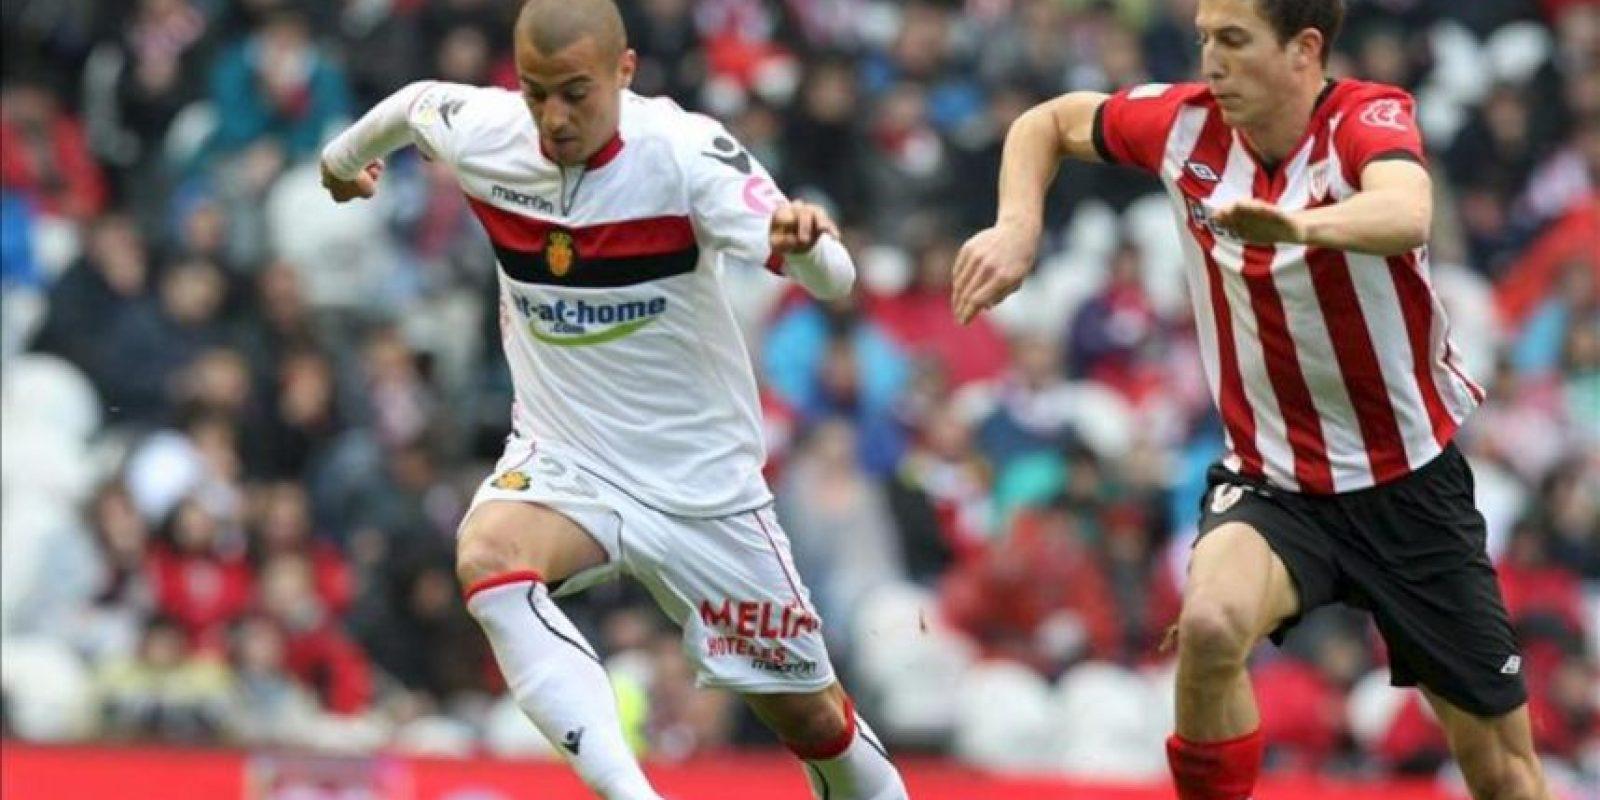 El centrocampista del Athletic de Bilbao Óscar de Marcos (d) pelea por el balón con el mediocentro del RCD Mallorca Sergio Tejera durante el partido, correspondiente a la trigésimo cuarta jornada de Liga de Primera División, que han disputado en el estadio de San Mamés. EFE